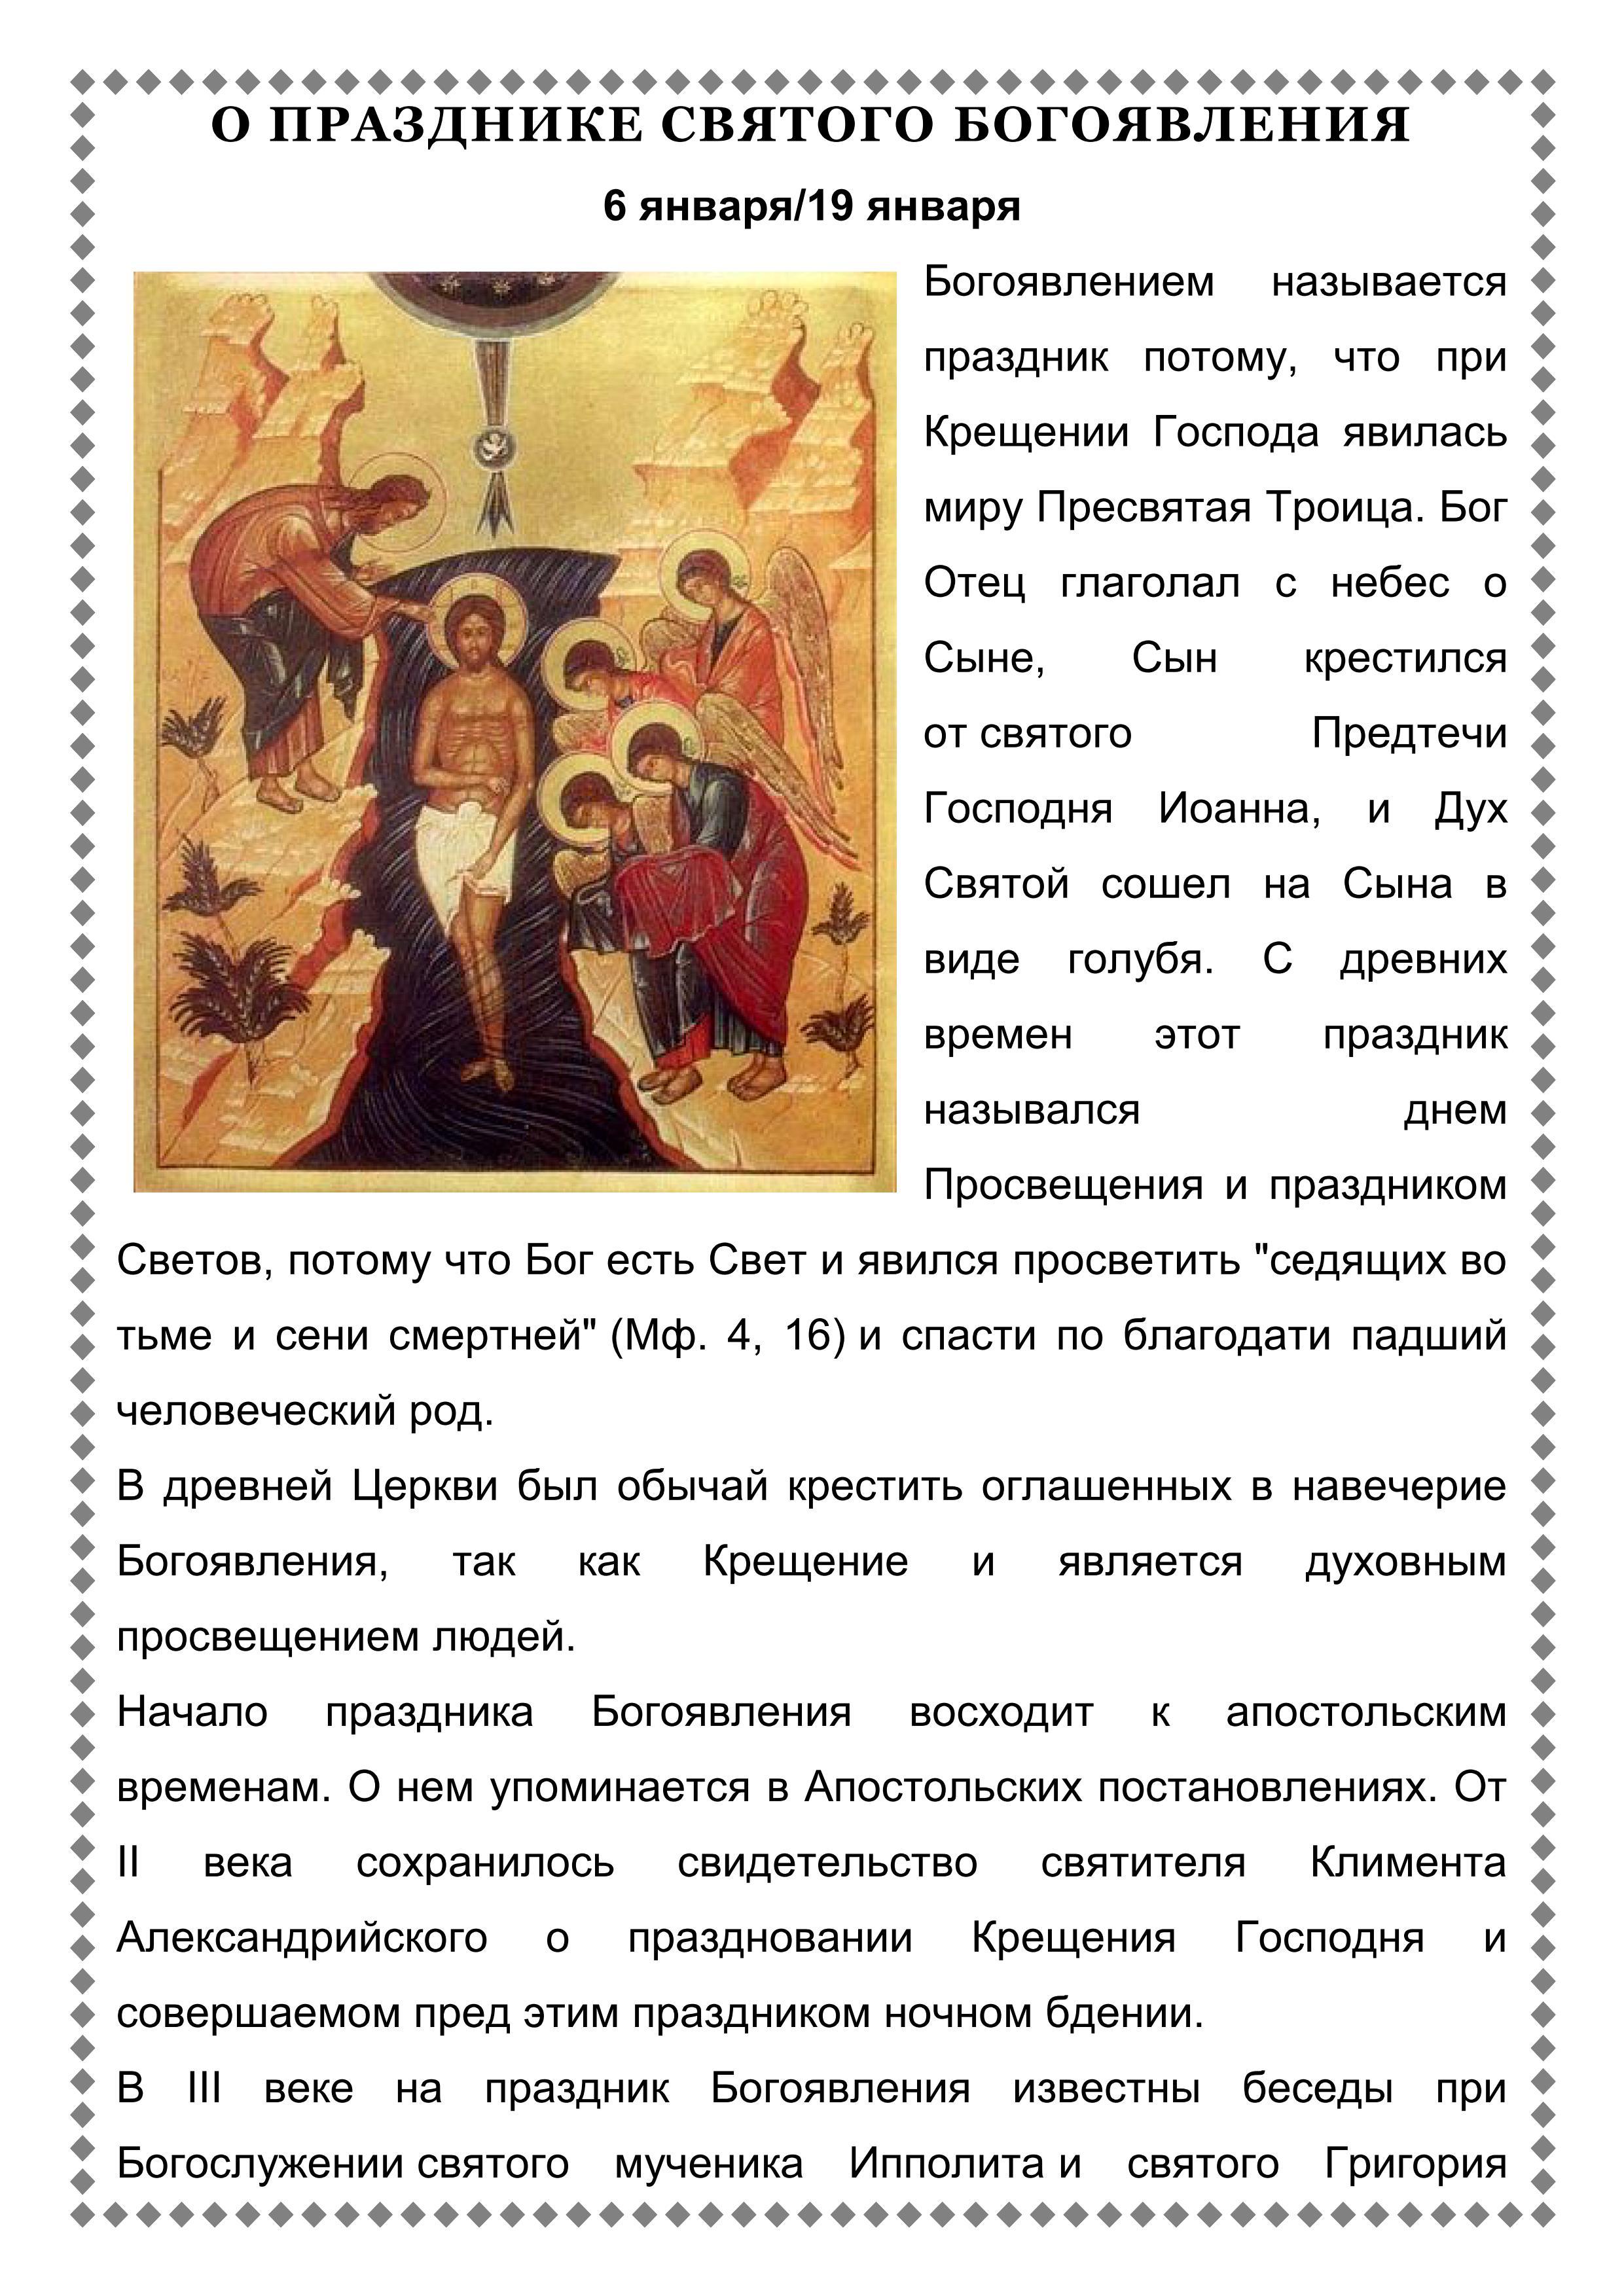 О празднике Богоявления_01